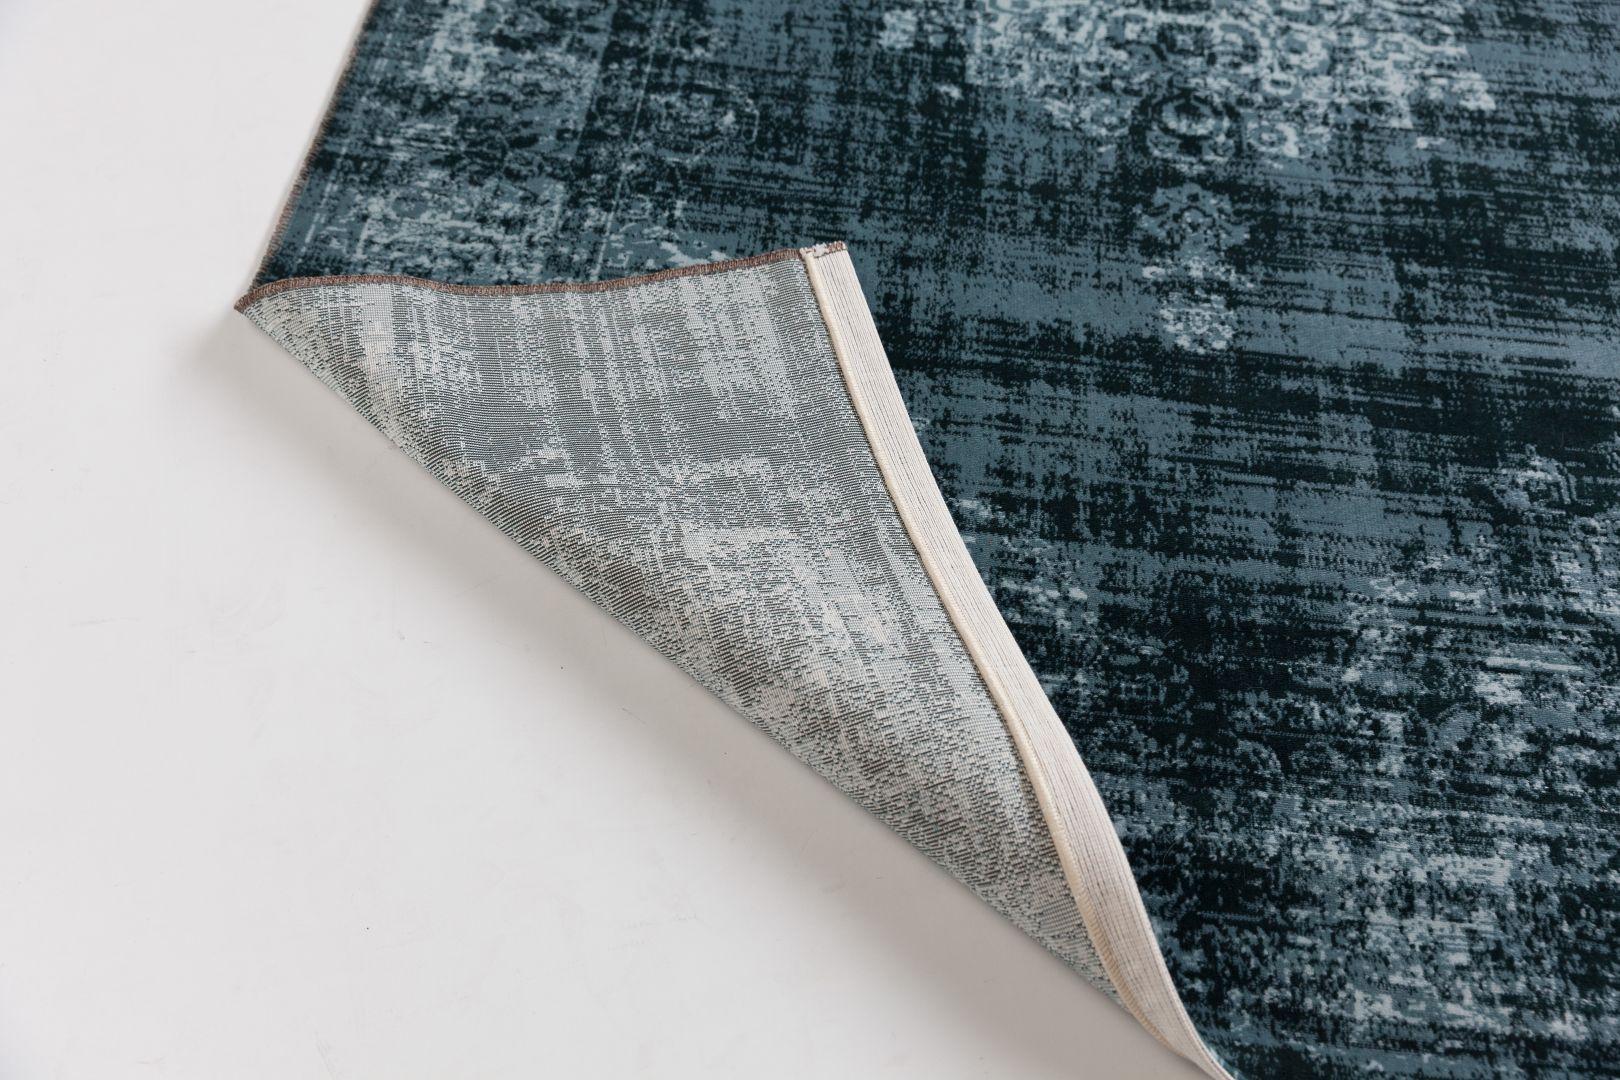 Vloerkleed Blauw Grijs : Cool vintage vloerkleed lifa living